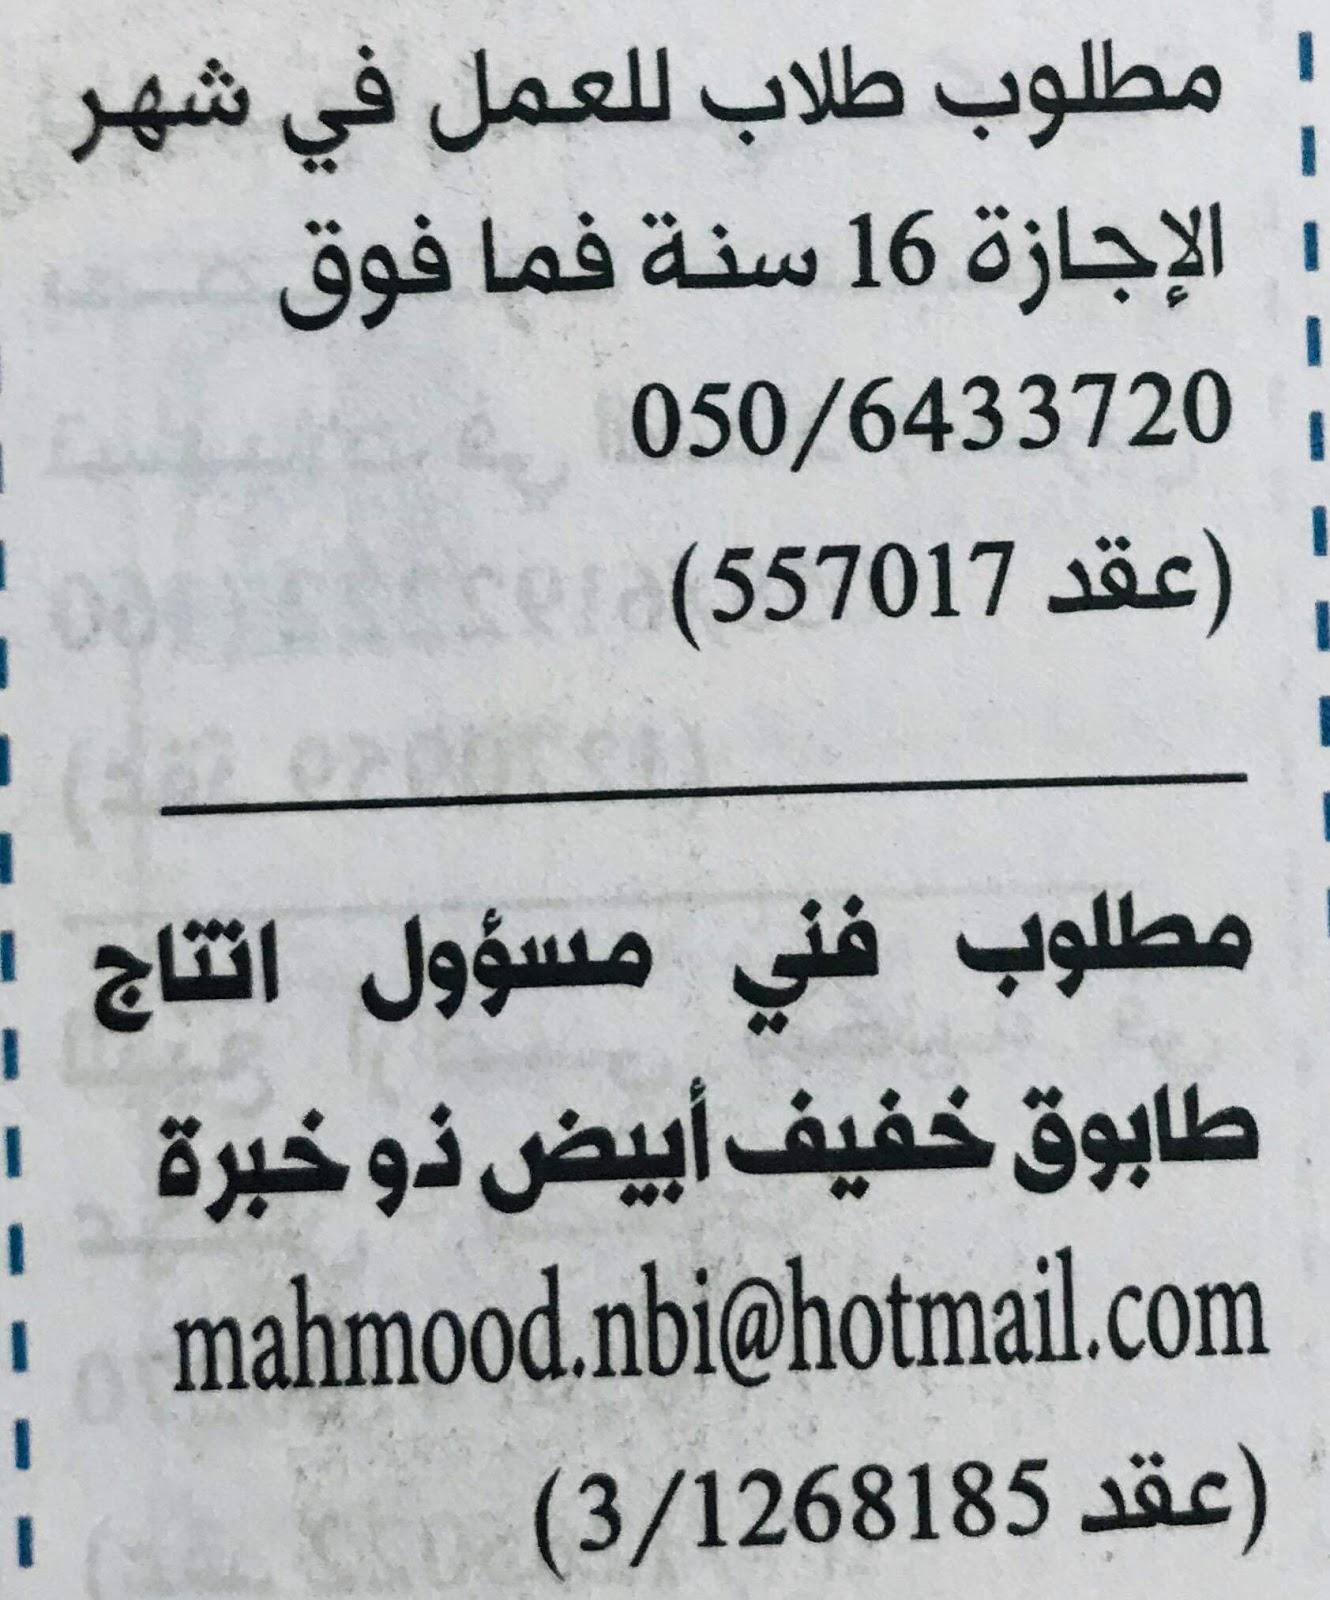 وظائف دليل الاتحاد باللغة العربية